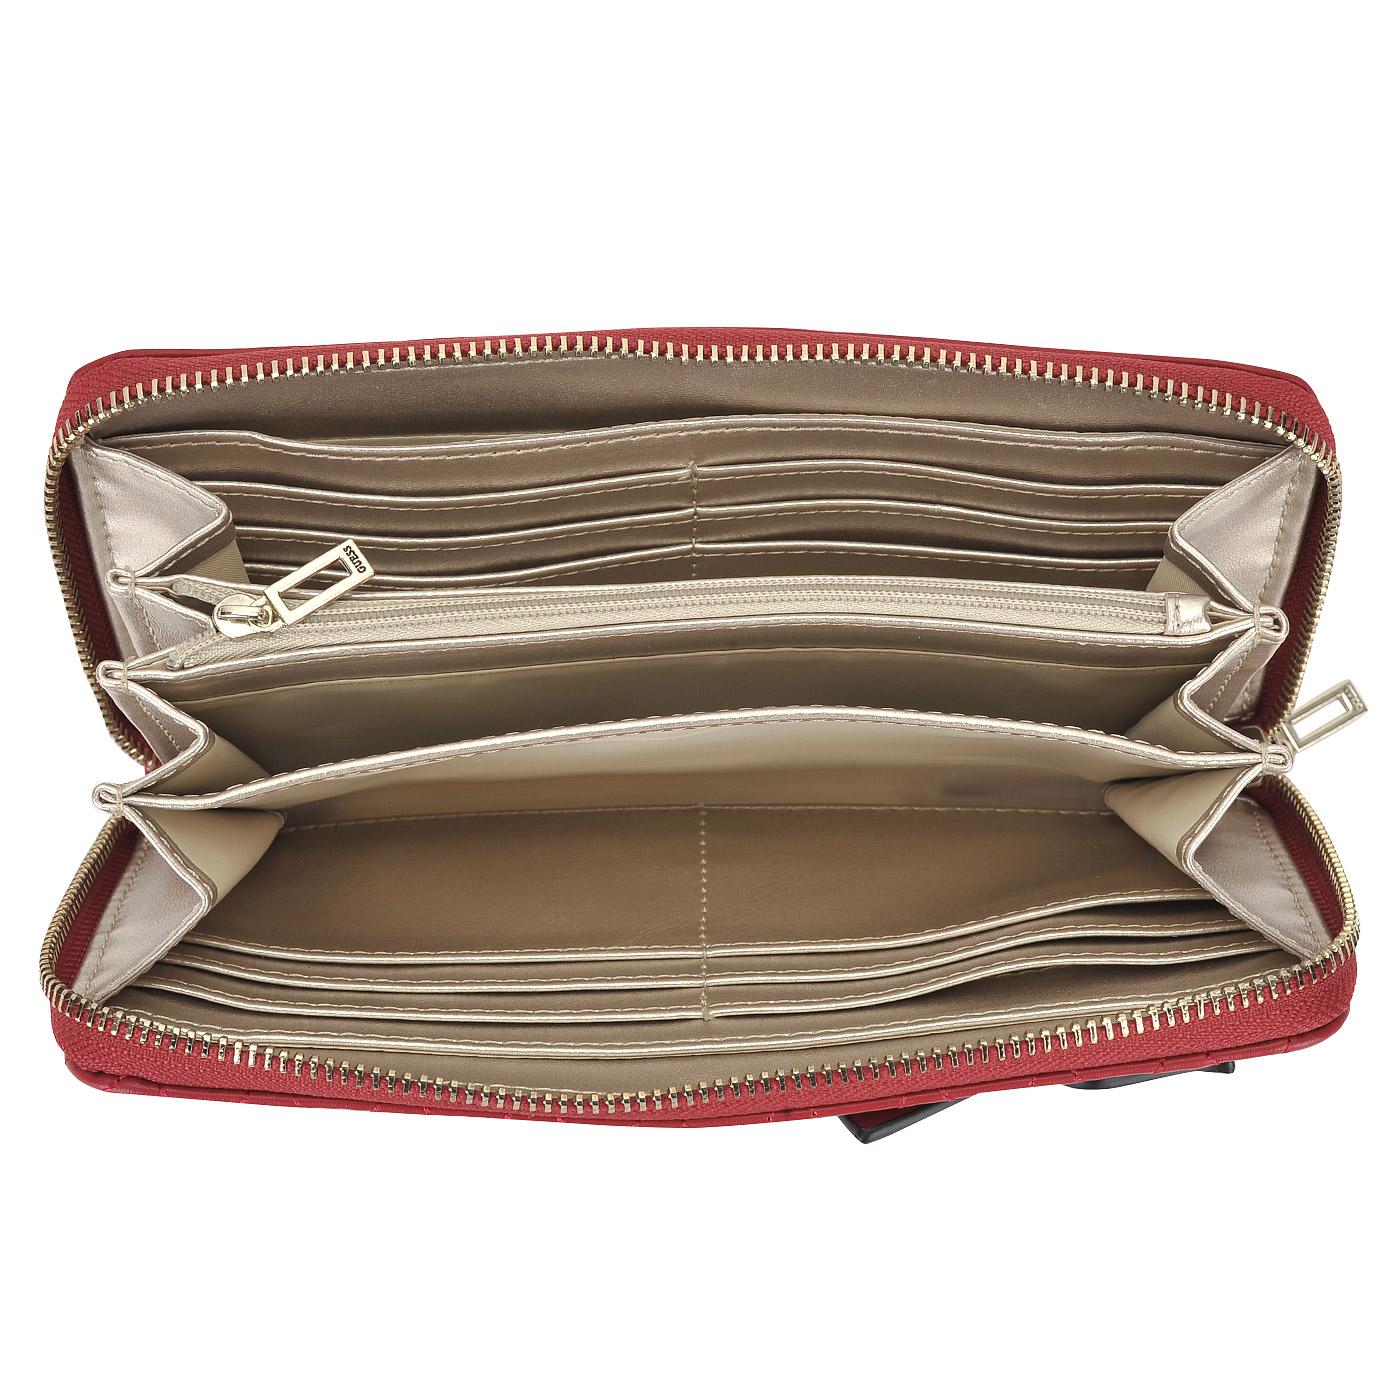 8968139a271d Женское портмоне с ремешком на запястье Guess Sibyl SWVG68 ...